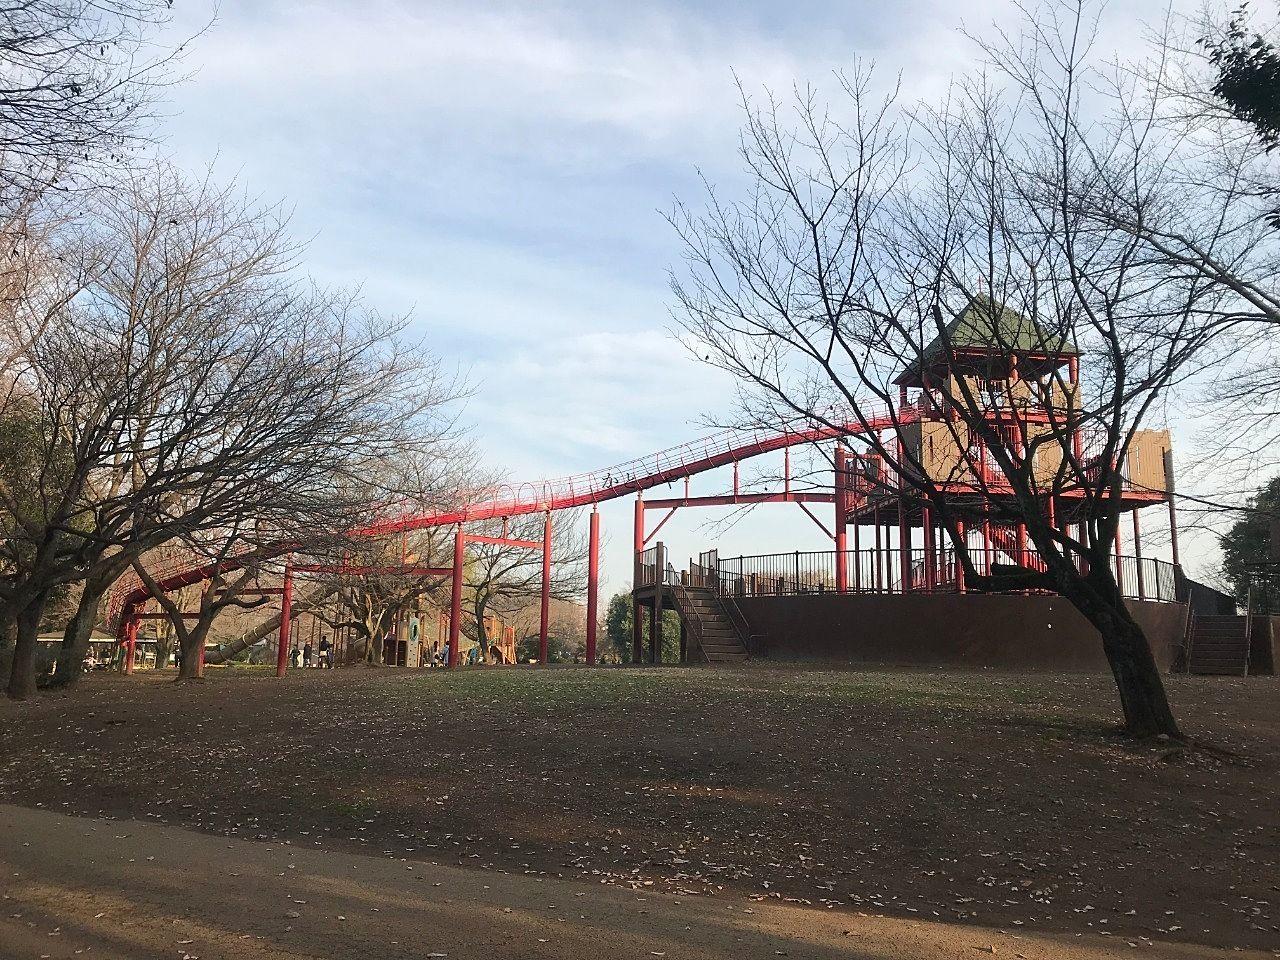 アンデルセン公園の大きな滑り台です。お子さんが夢中になって遊んでいます。